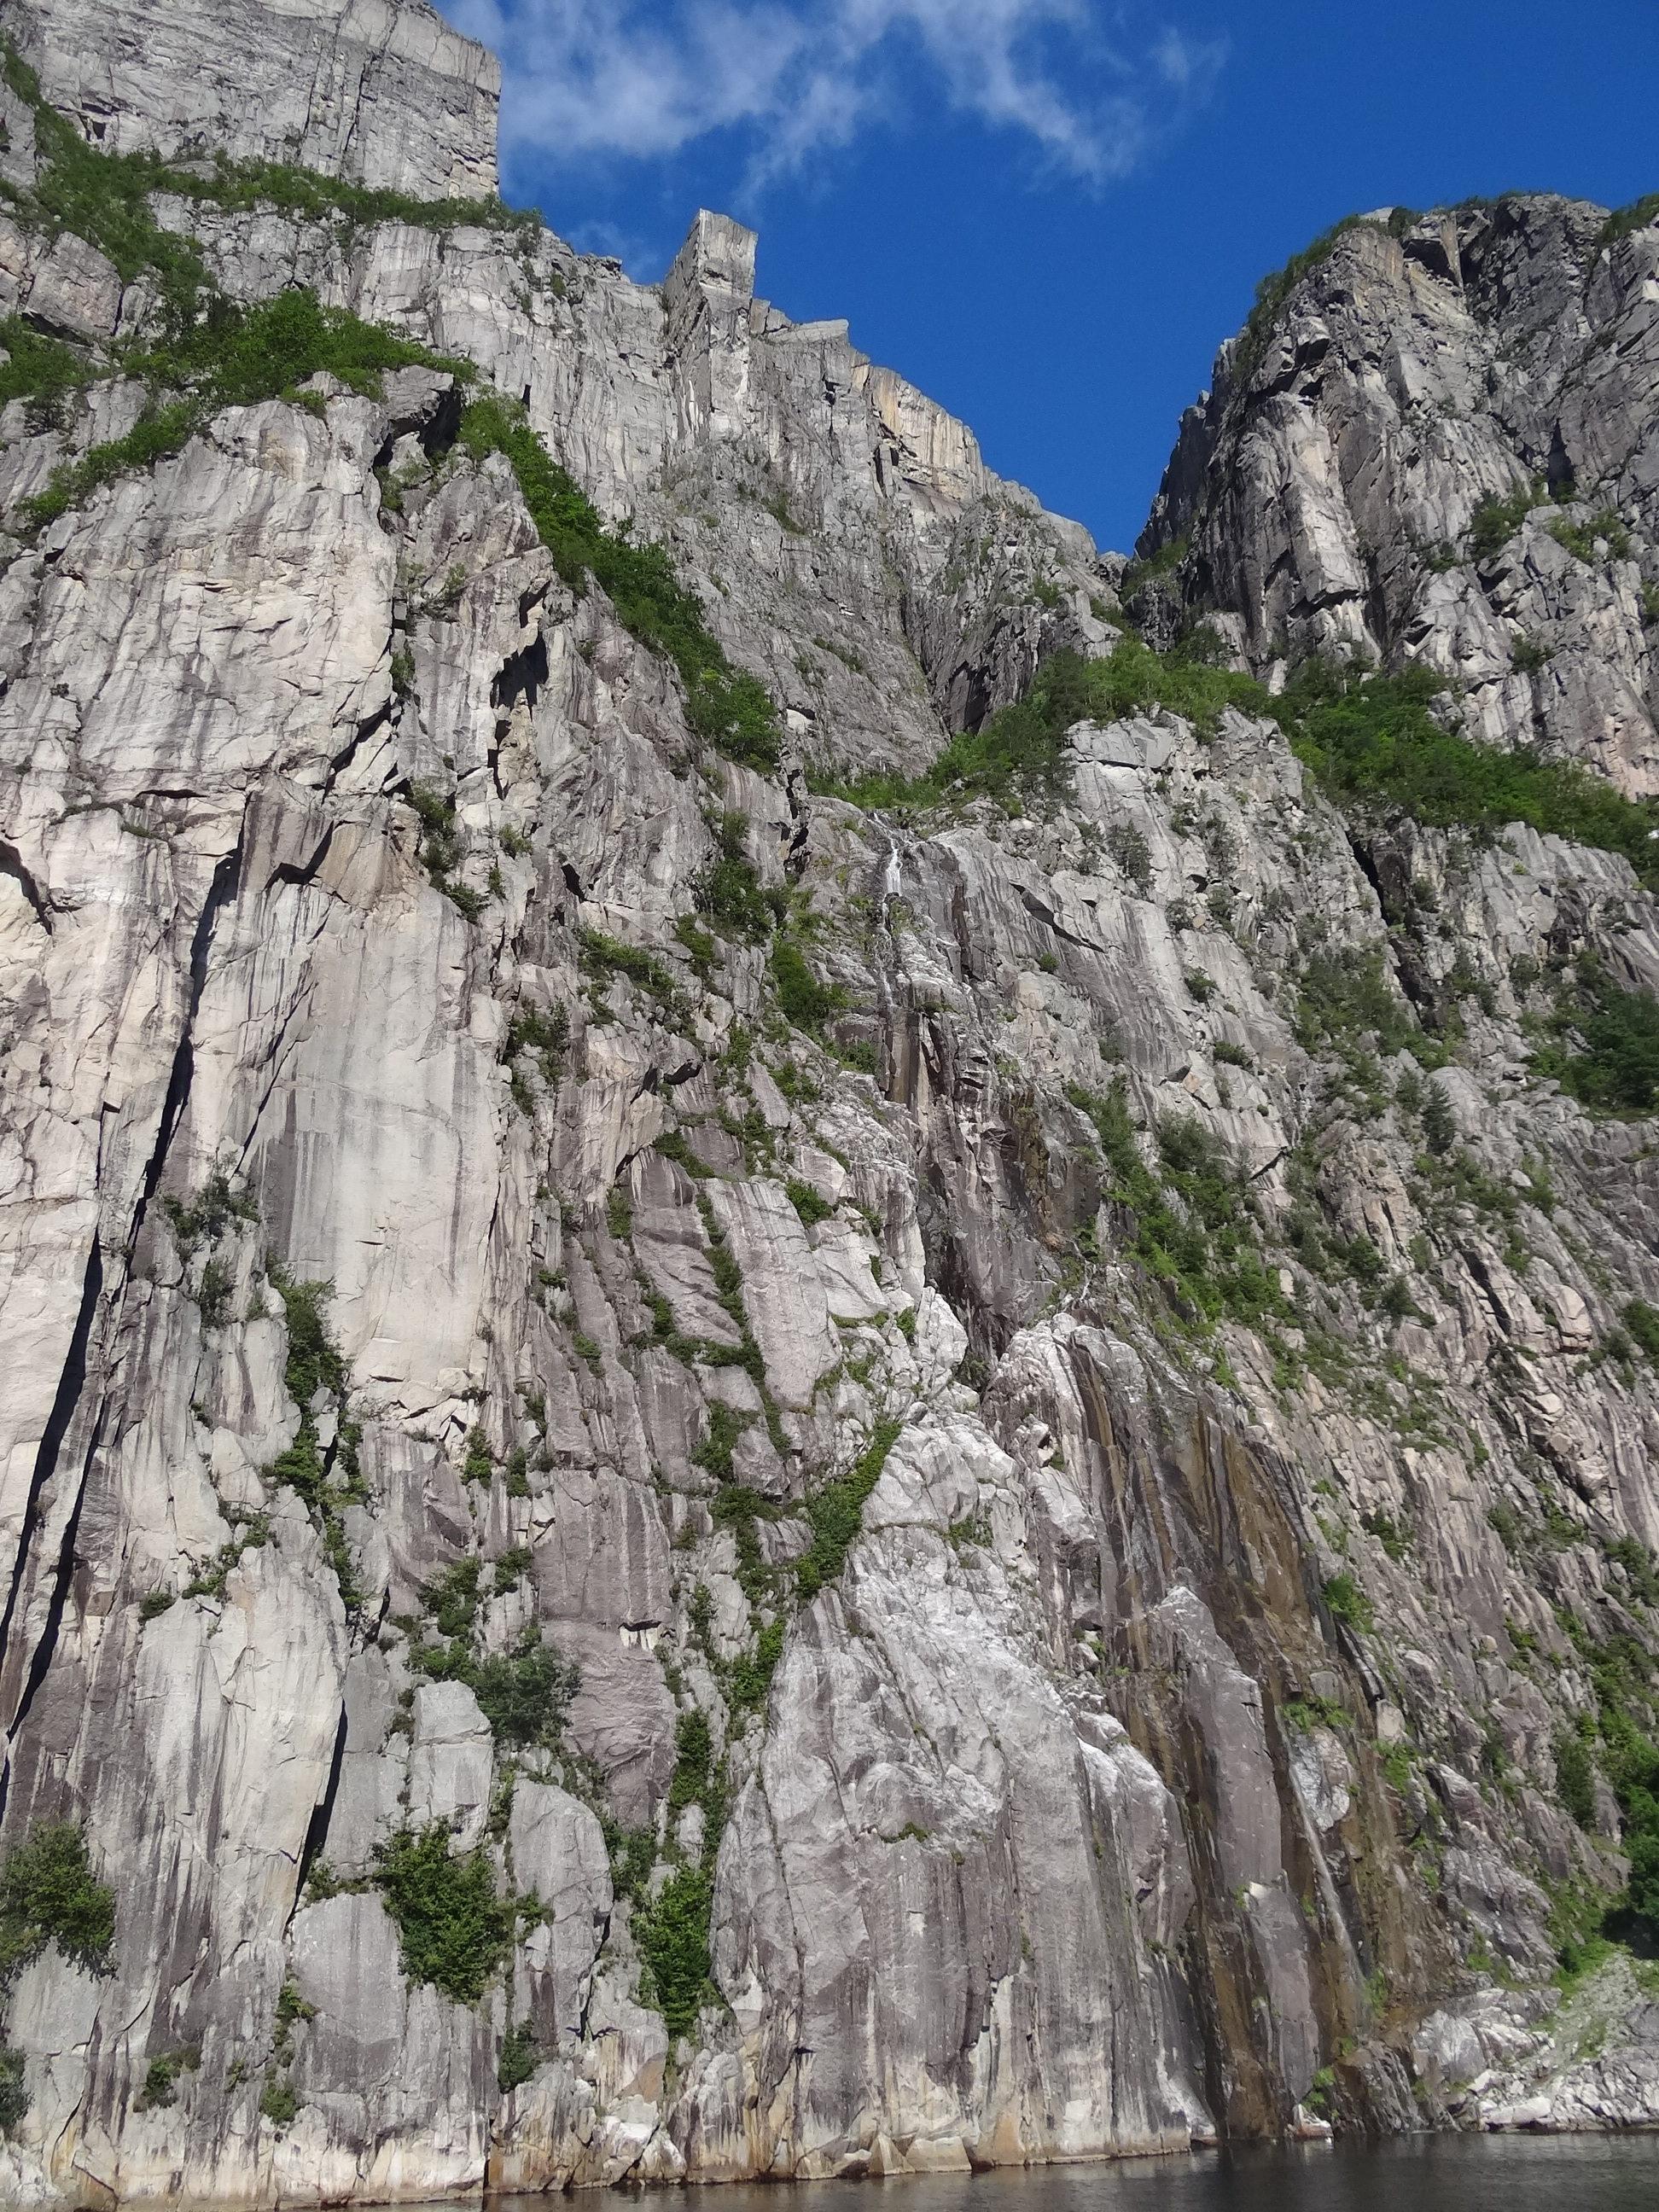 preikestolen widziany z dolu atrakcje norwegia